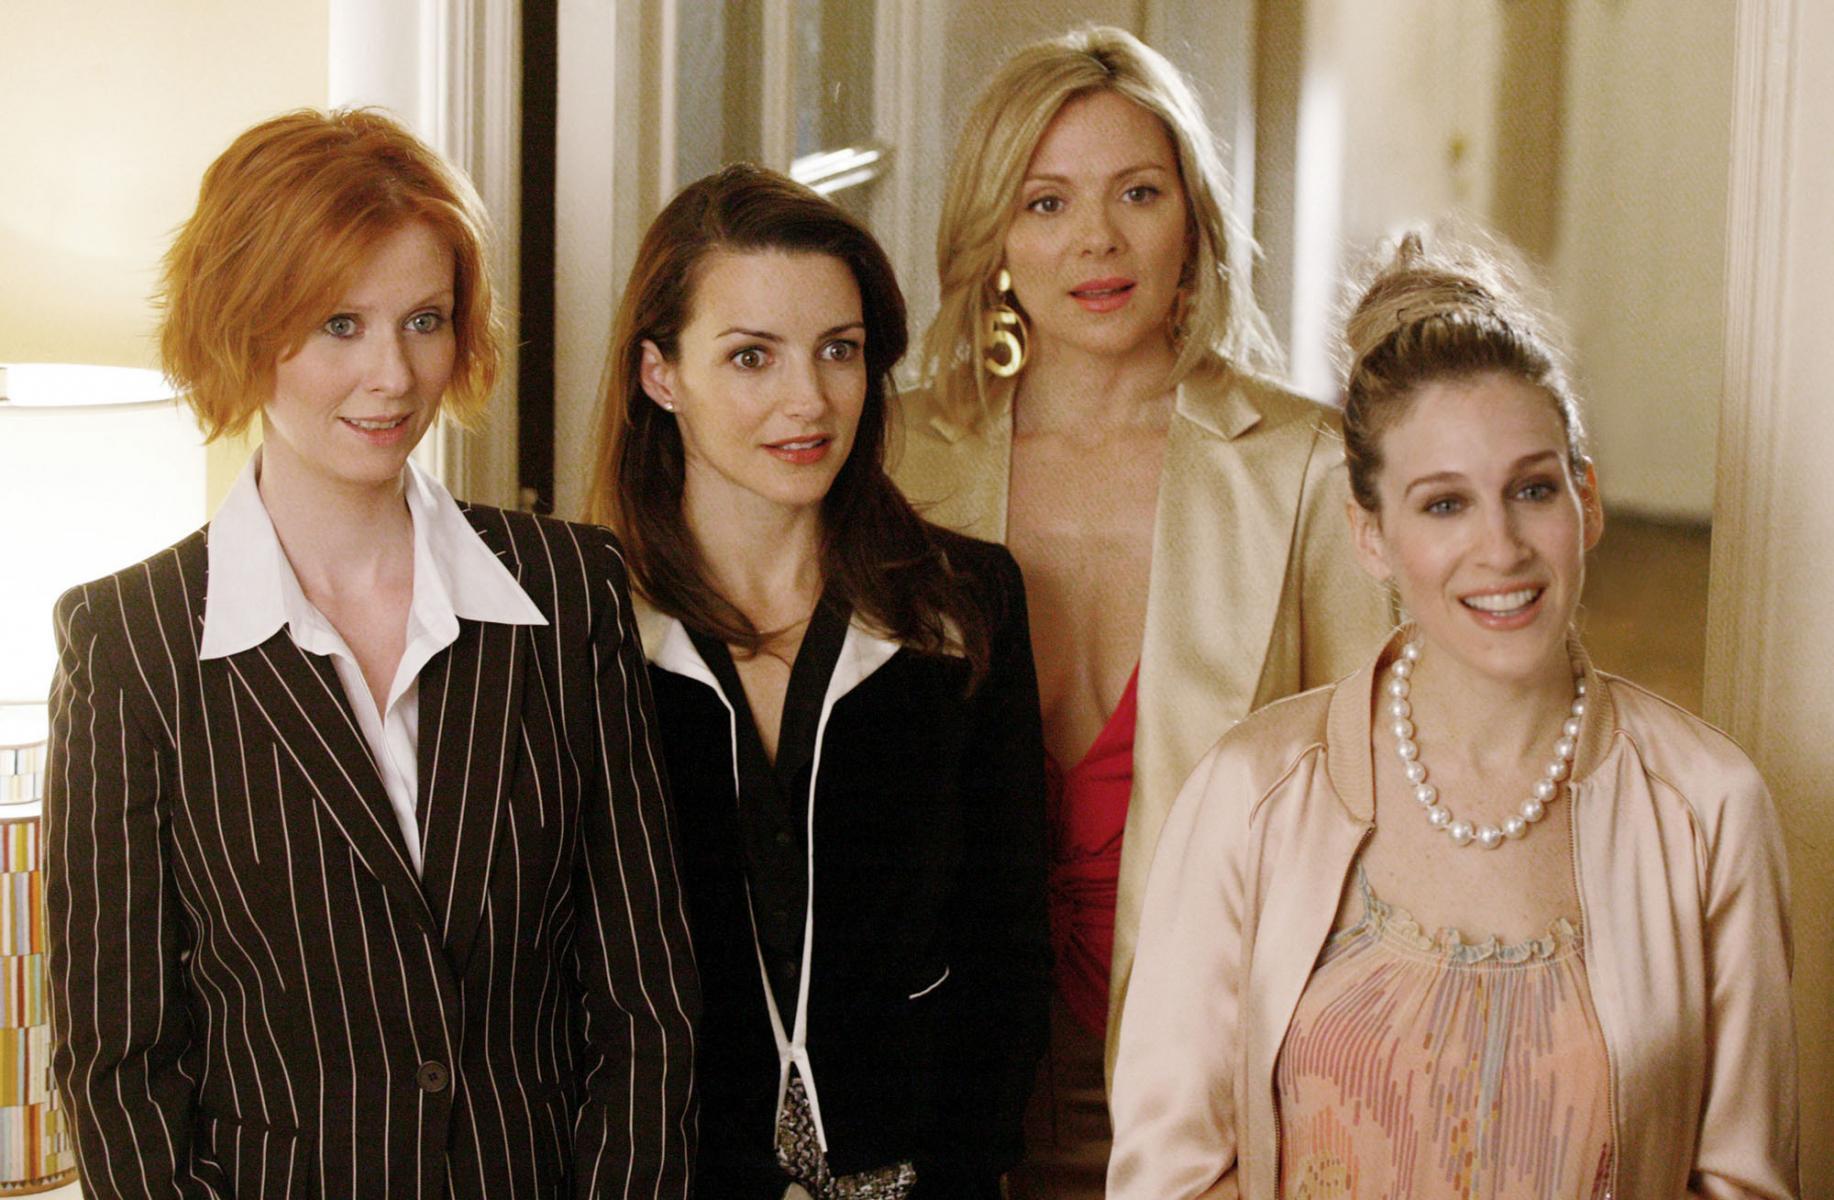 Pelicula sexo en nueva yor vercion porno samanta follando Sexo En Nueva York Serie De Tv 1998 Filmaffinity